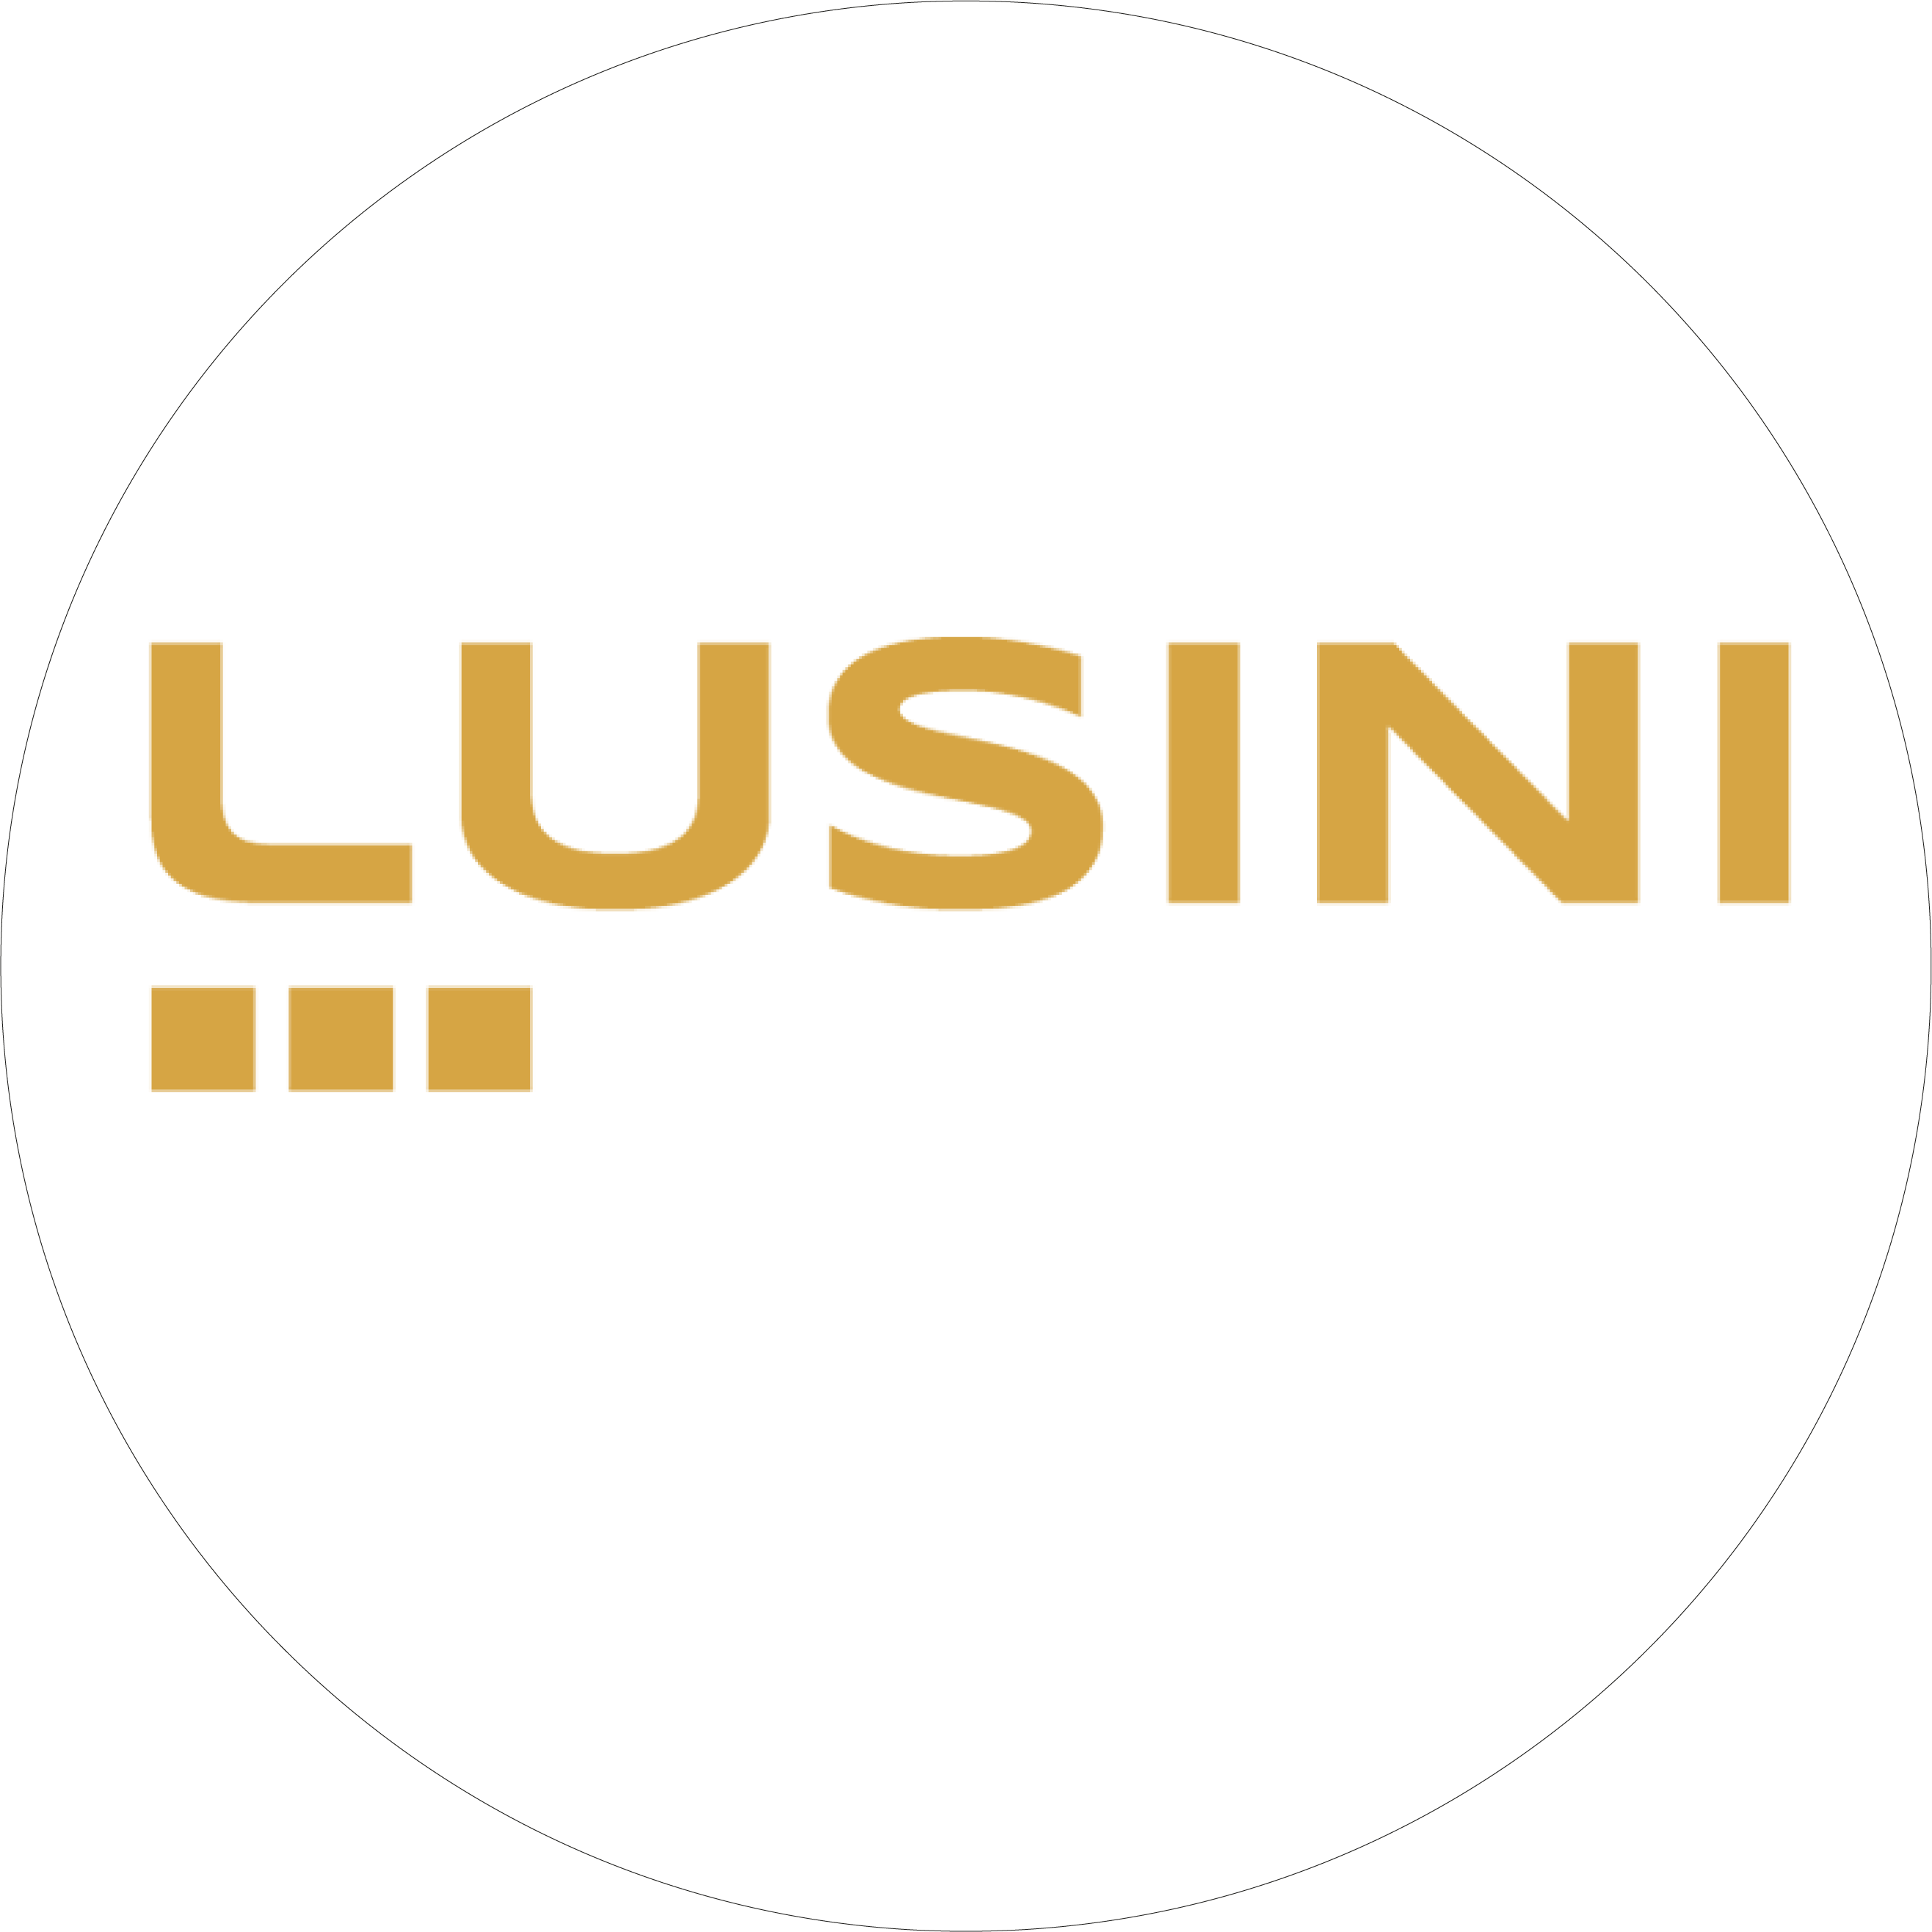 Julia von Lusini